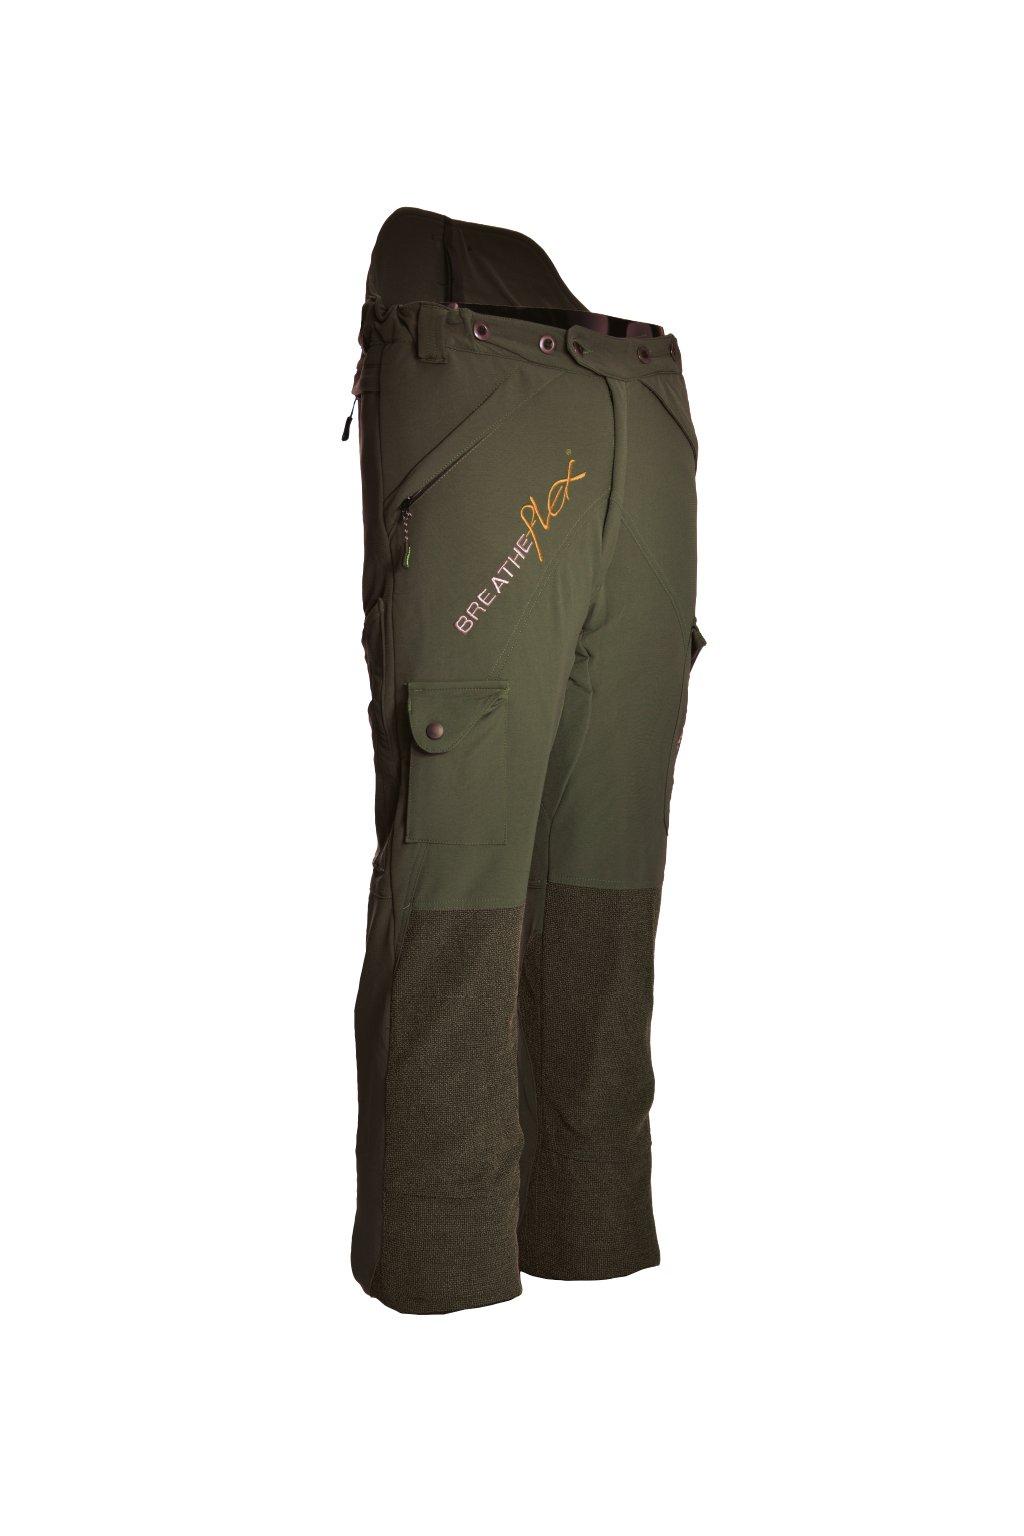 Protipořezové kalhoty Breatheflex olivové Class1/TypeC Reg